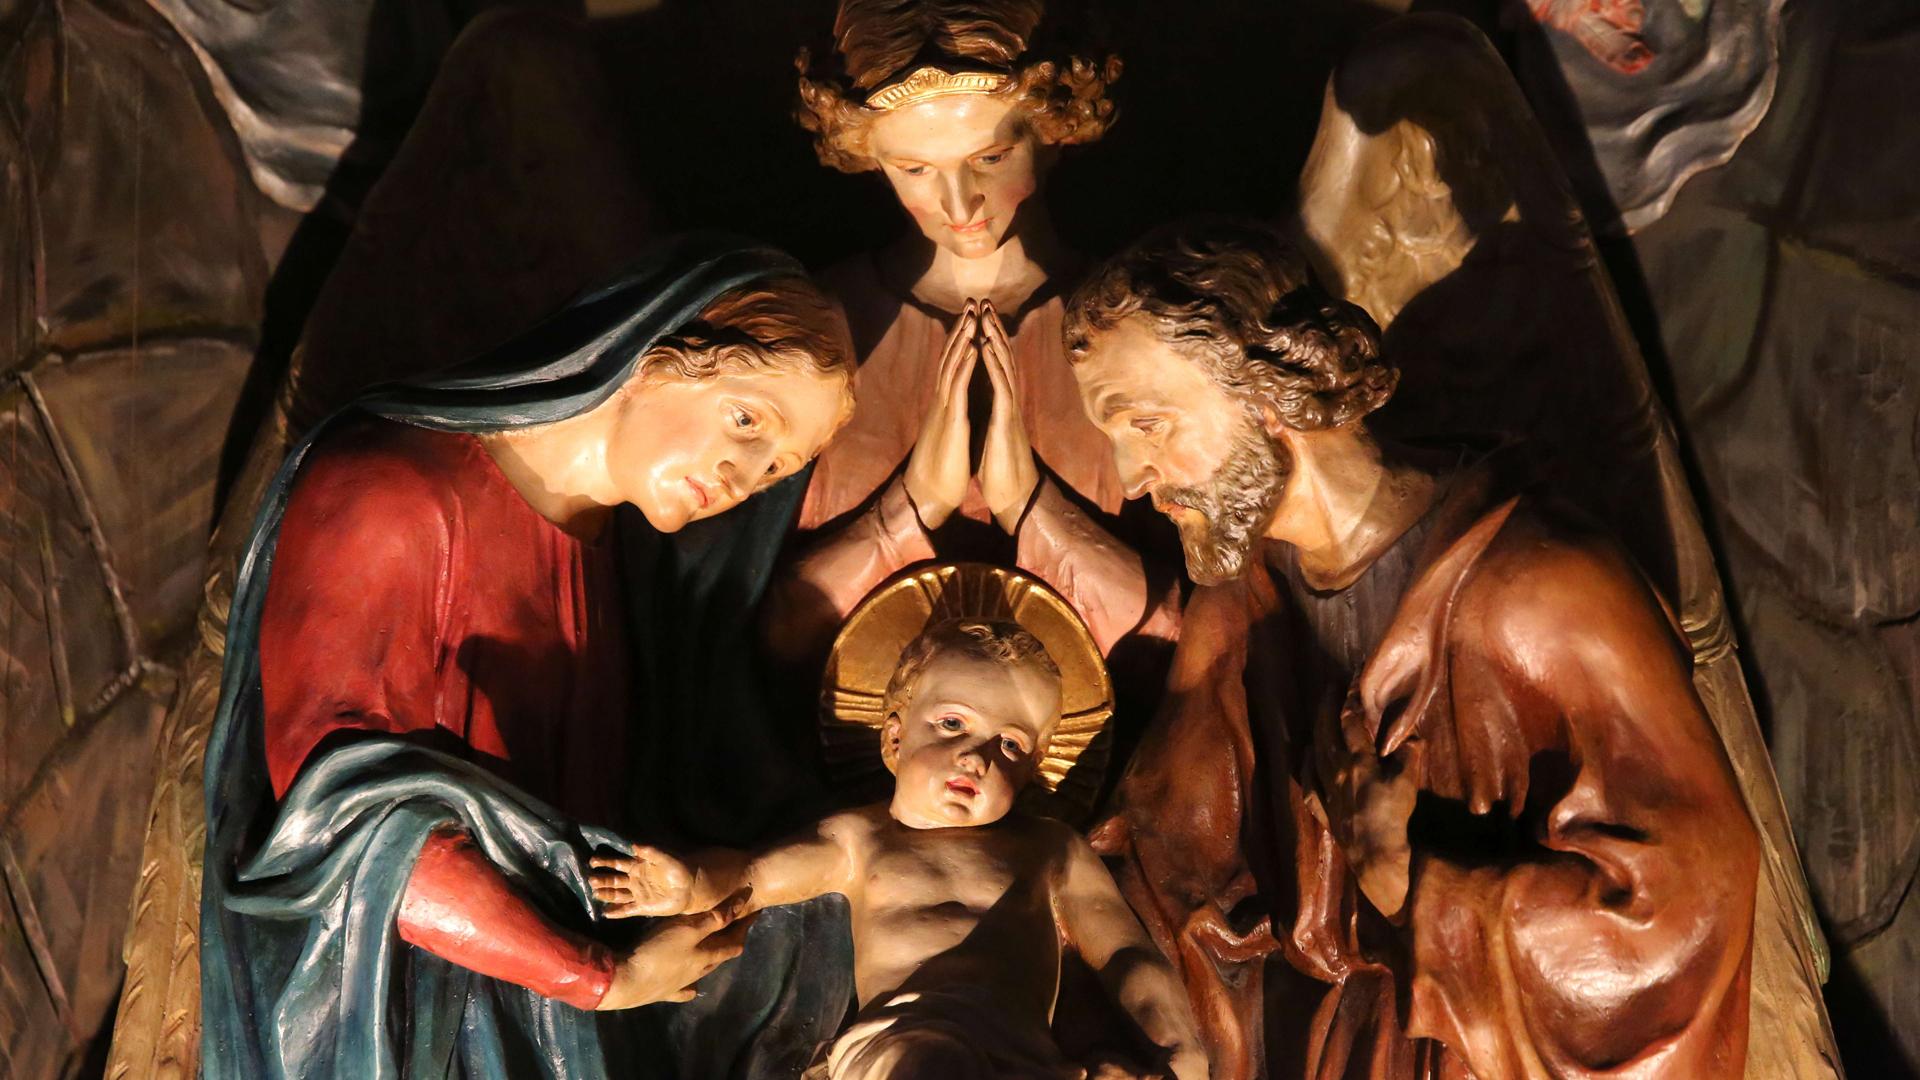 Weihnachten Krippe Bilder.Papst Weihnachten Eröffnet Ein Neues Lebensmodell